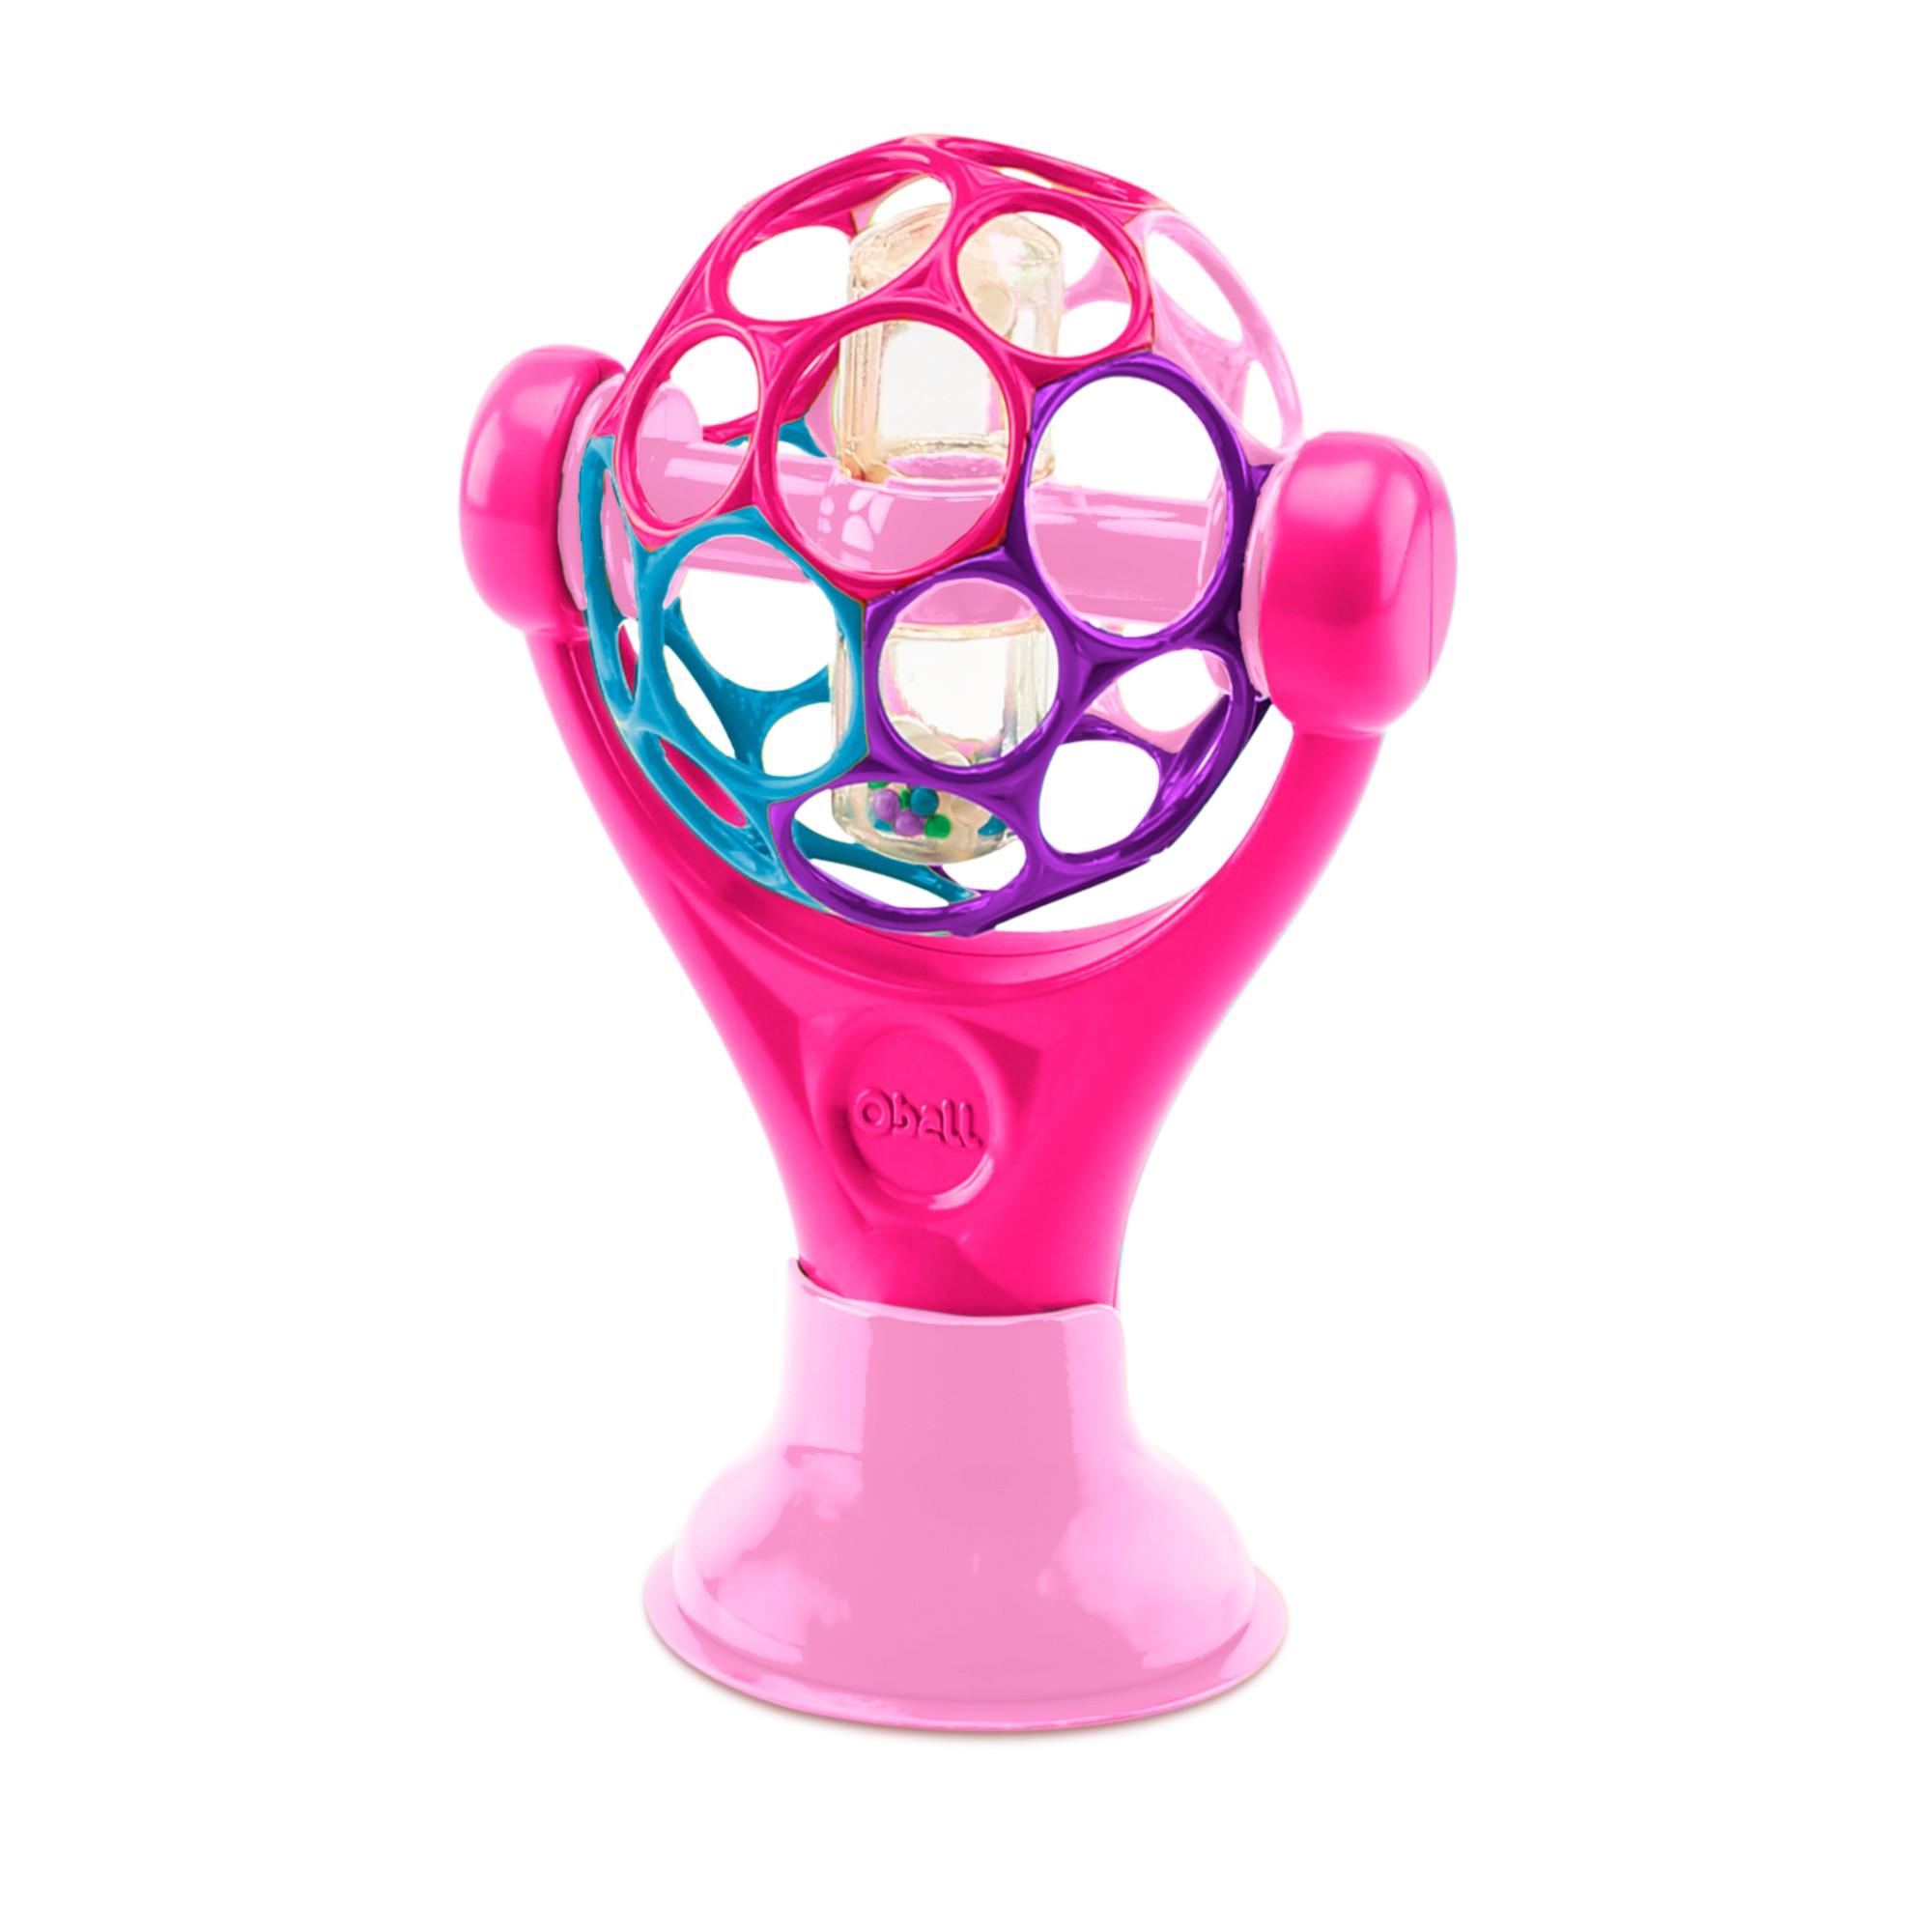 Prilipinamas stalo žaislas OBALL kūdikiams nuo 0+ mėn. (81551)